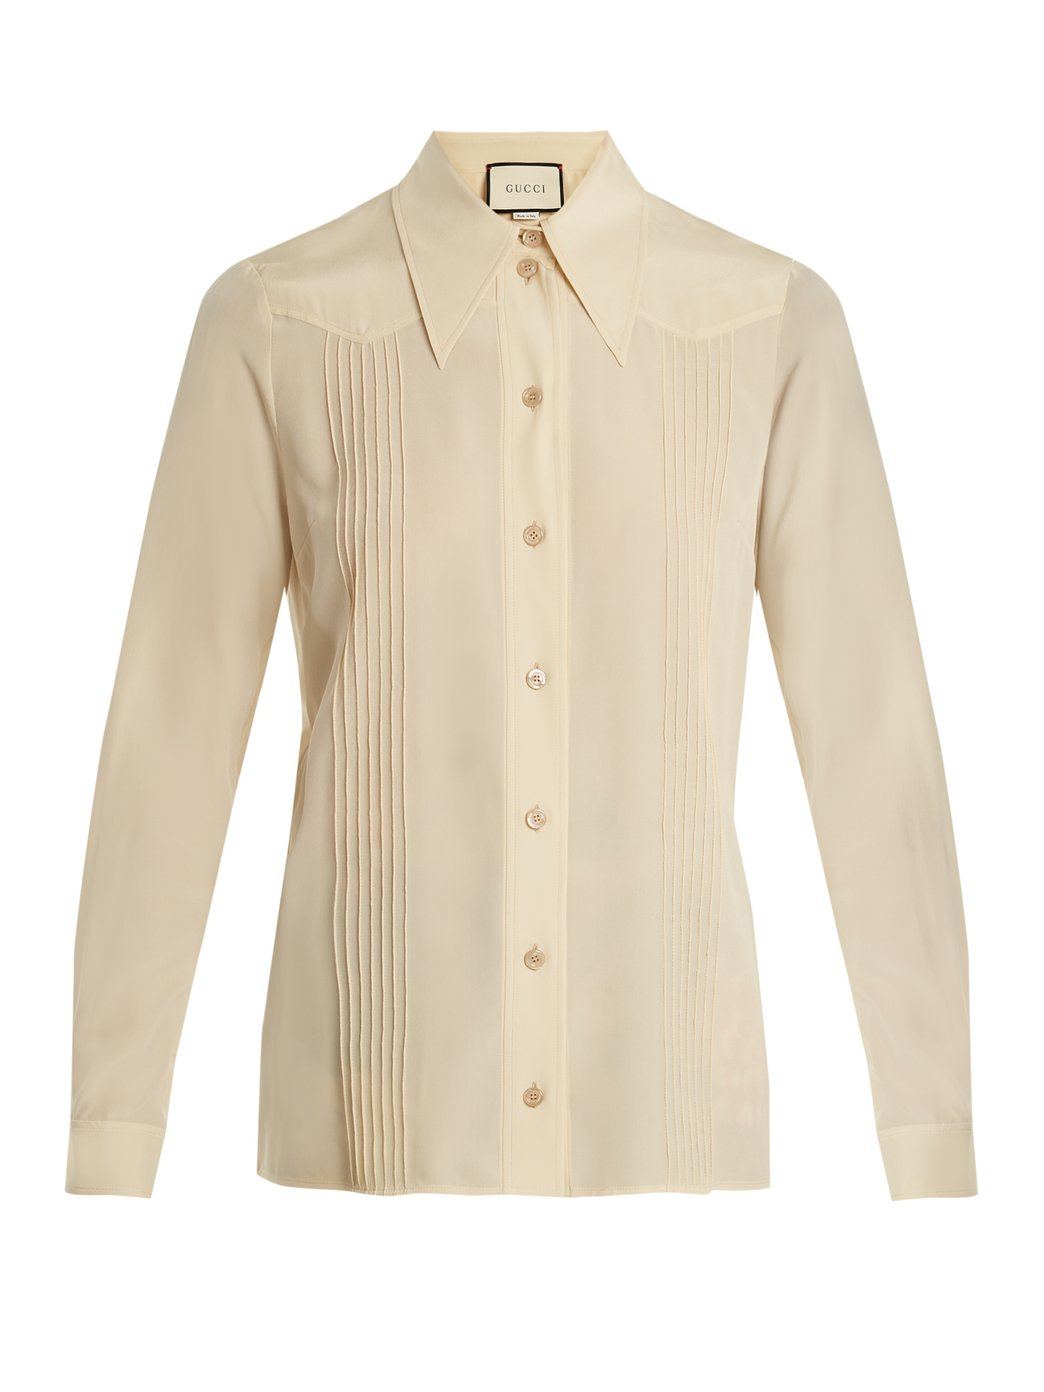 GUCCI Silk Shirt, £790